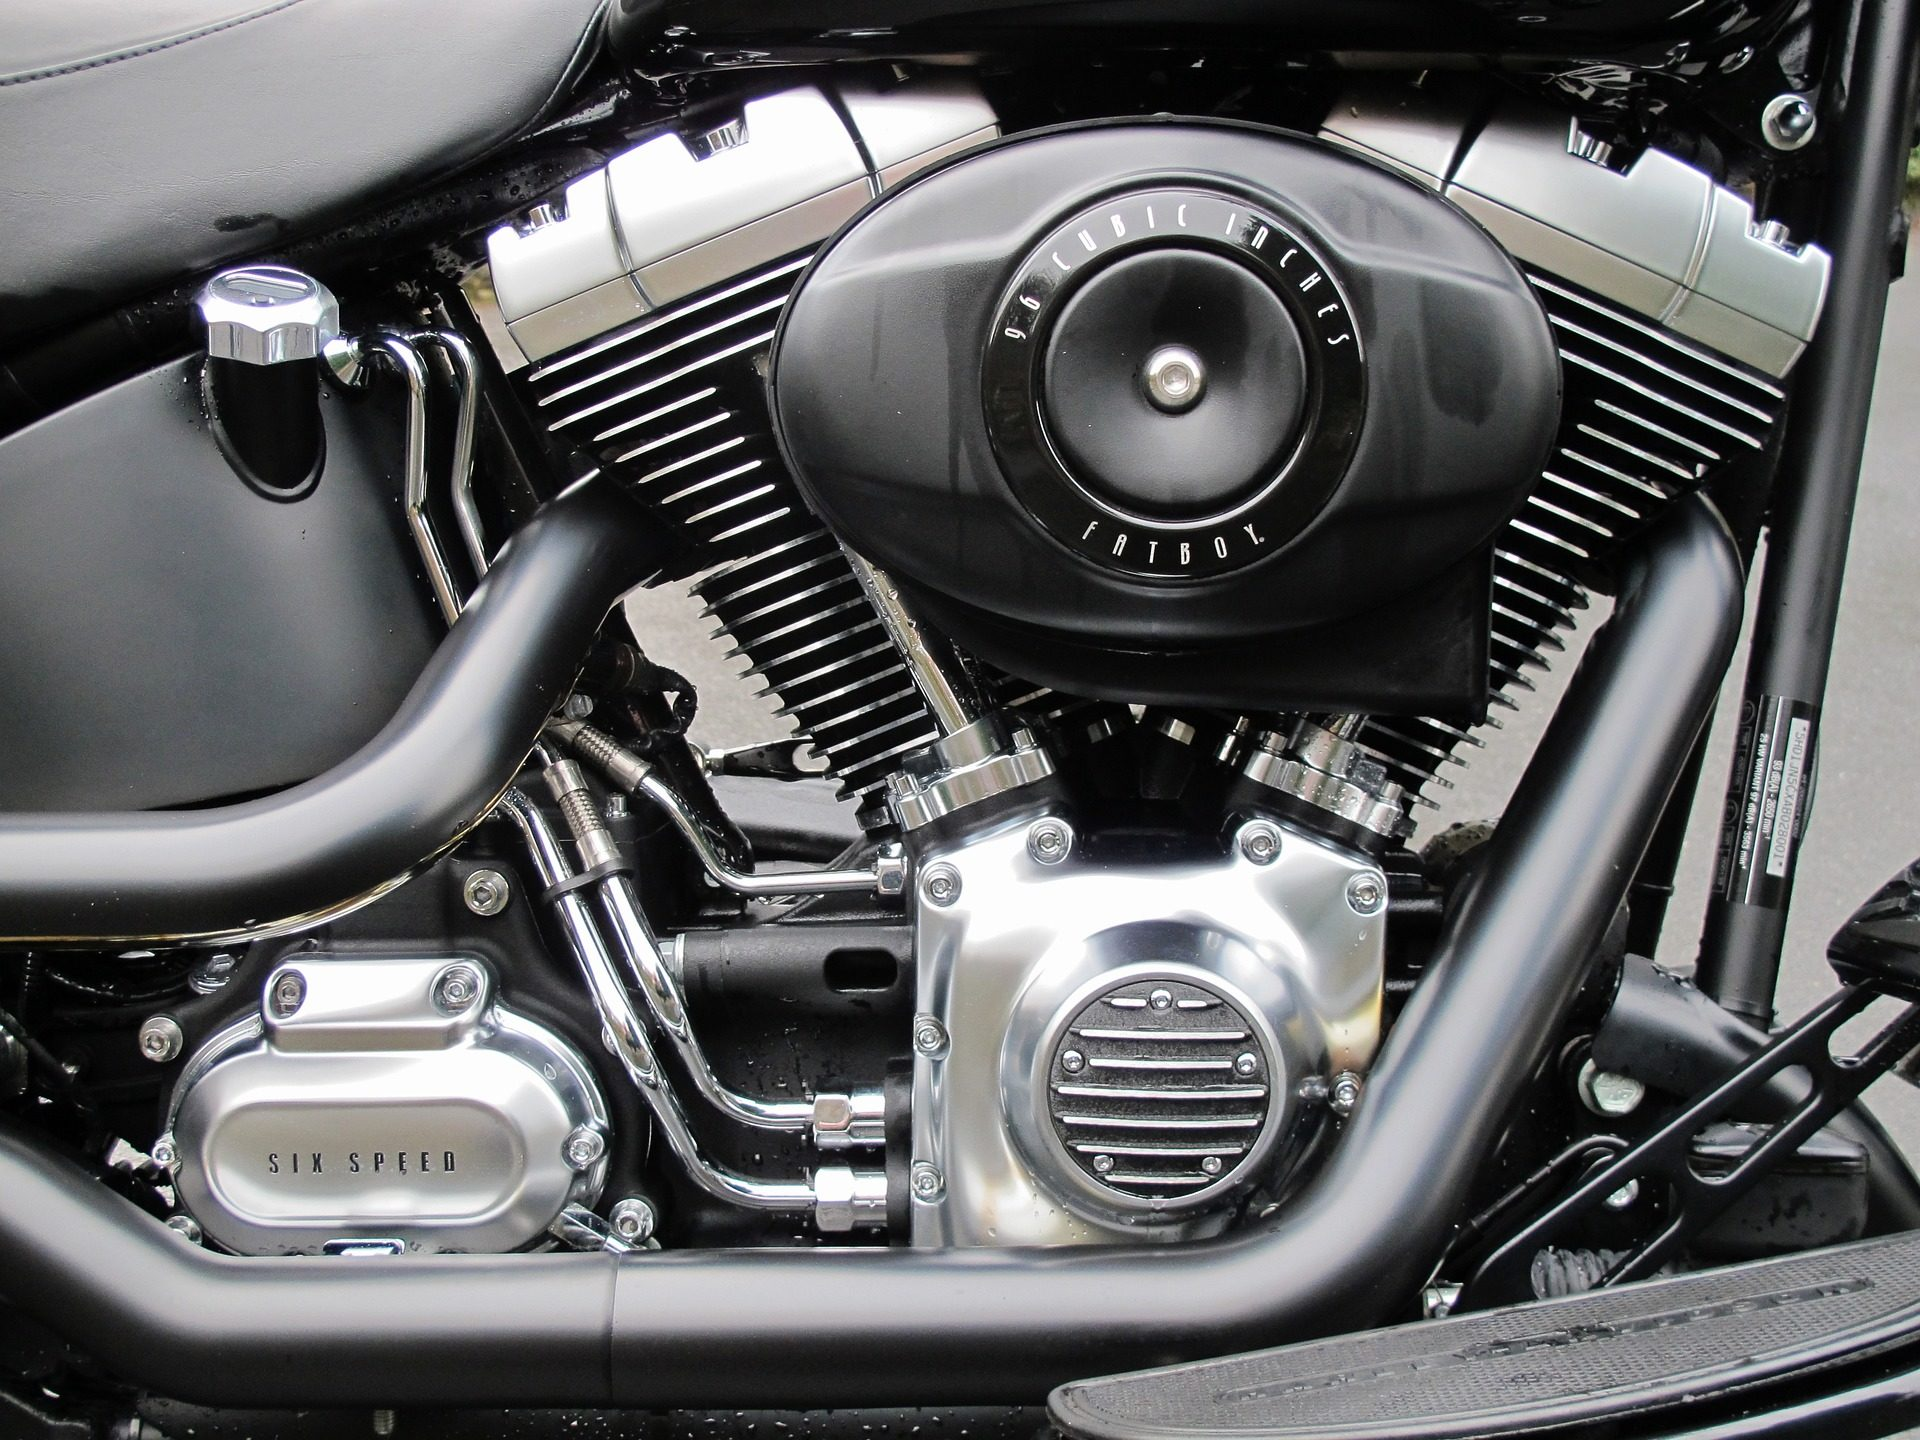 引擎, 摩托车, 哈雷, 立方容积, 电源 - 高清壁纸 - 教授-falken.com